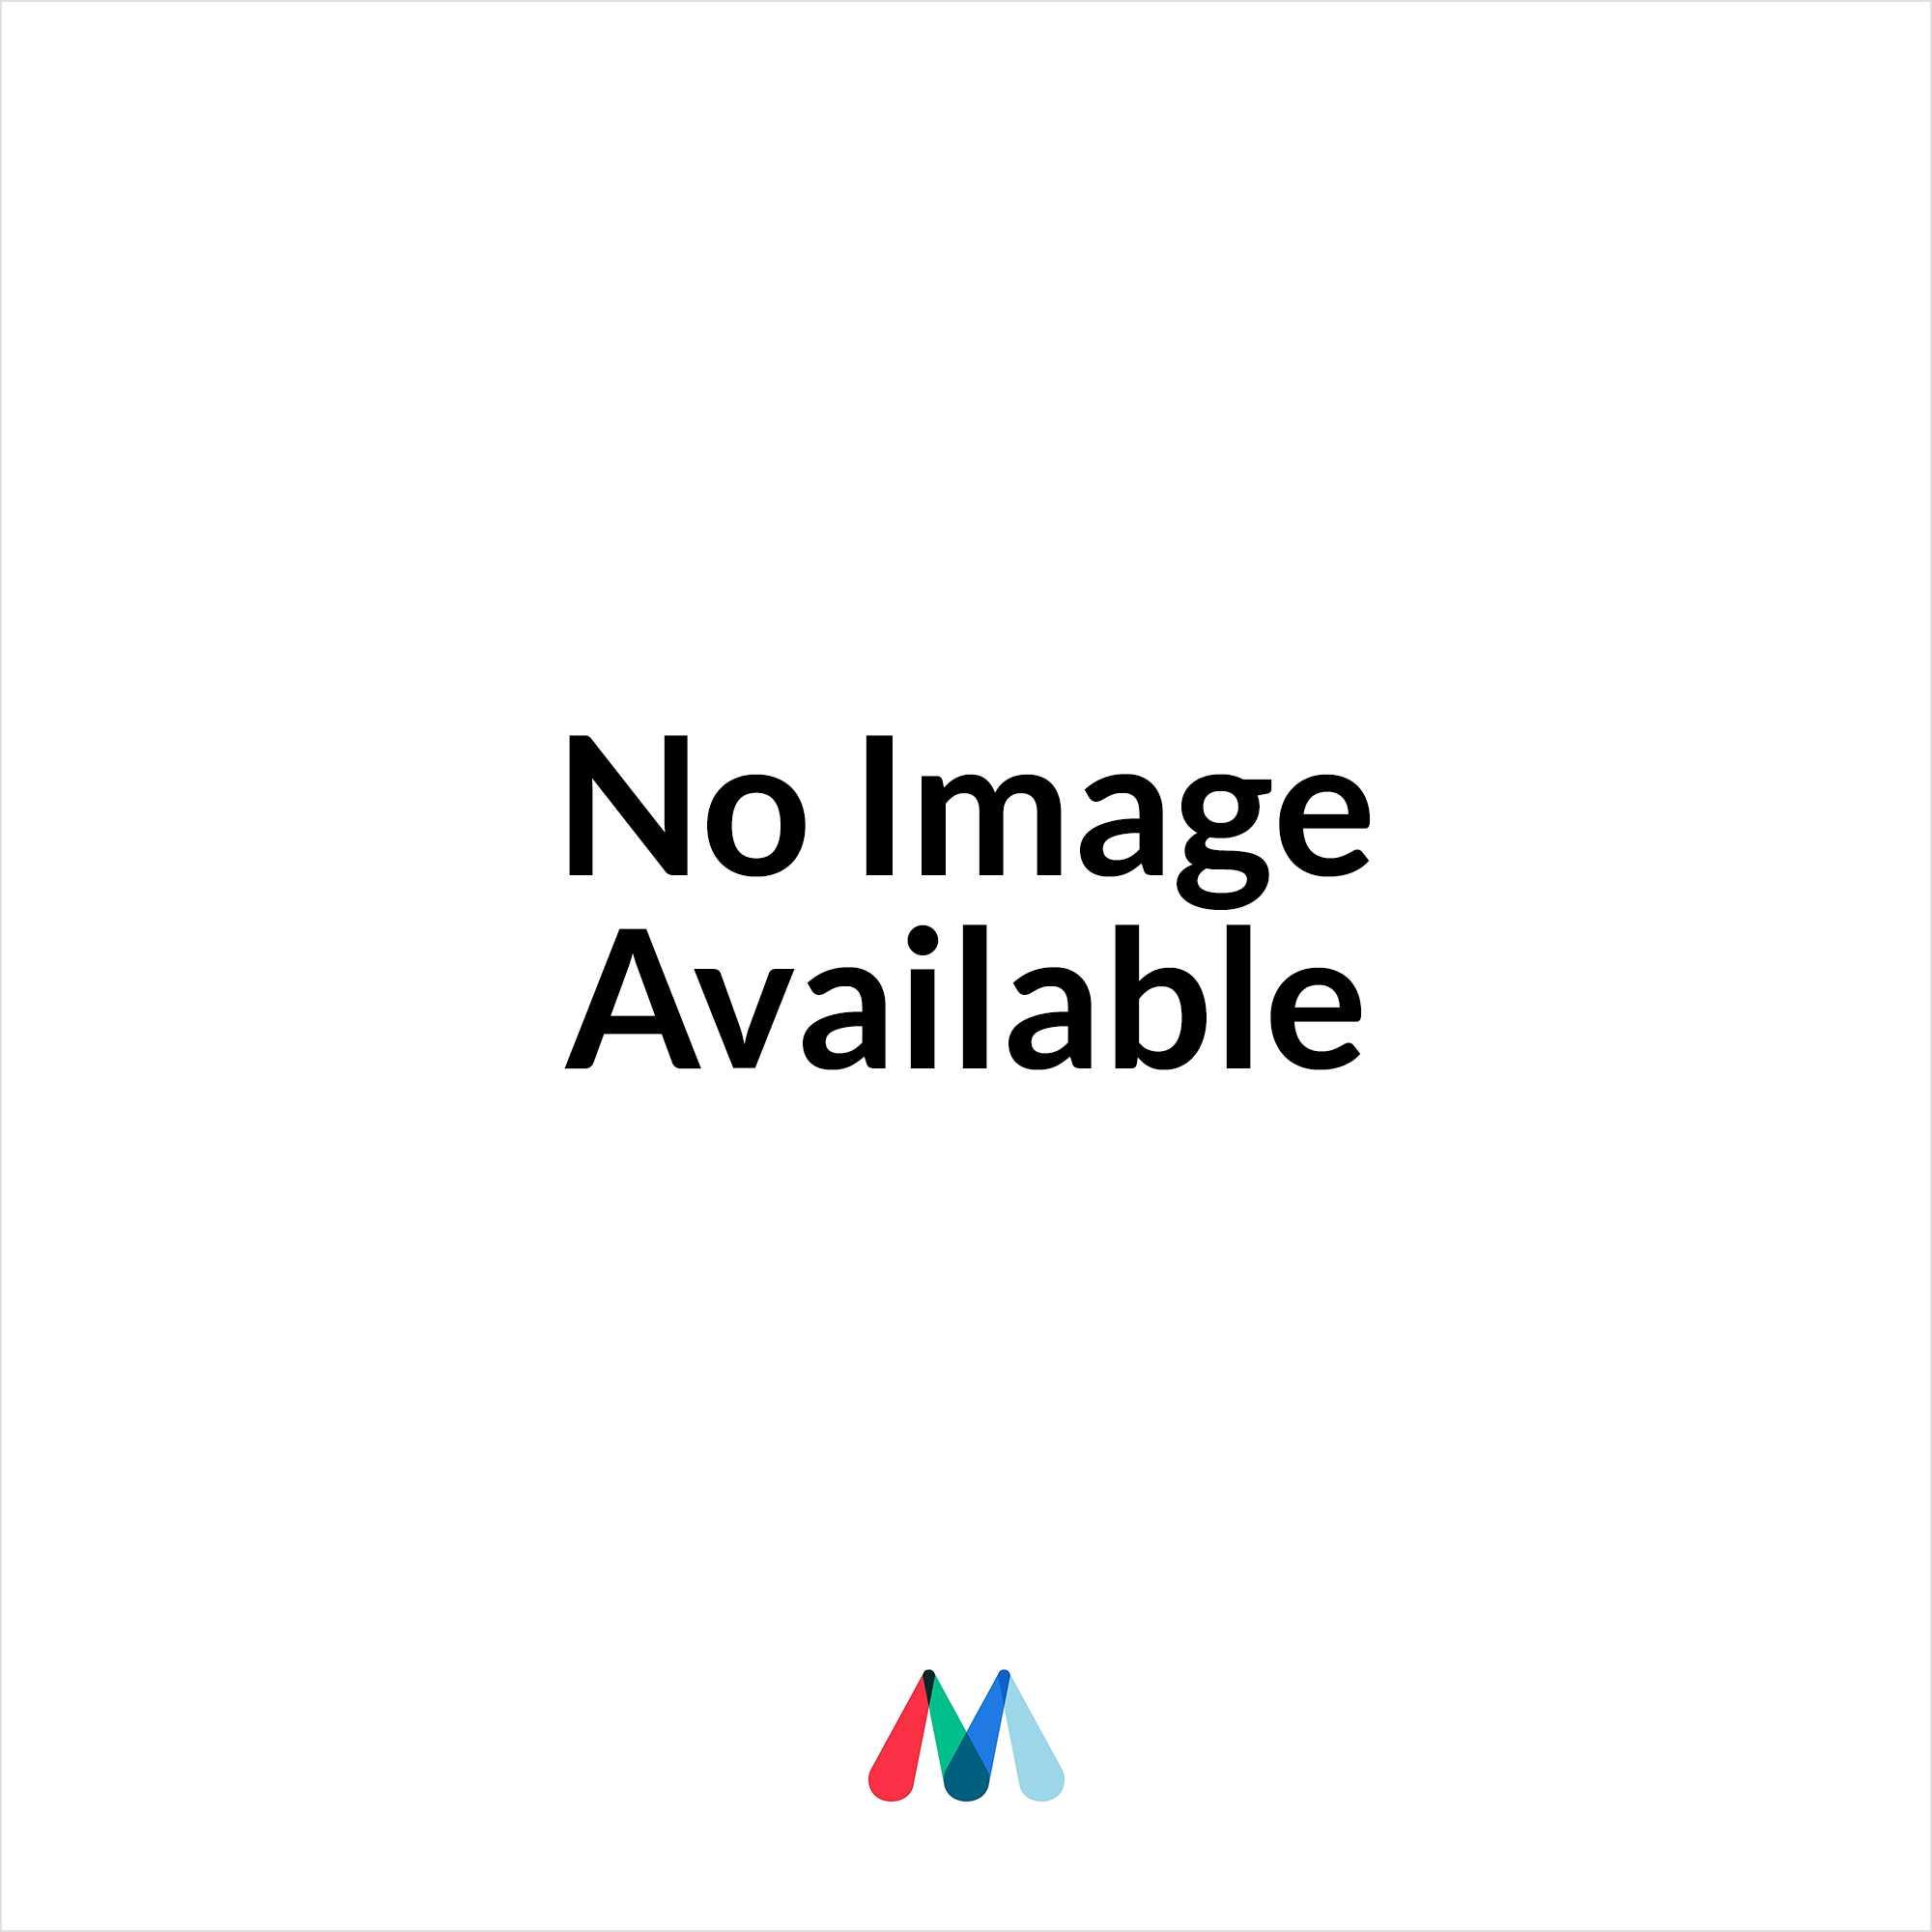 Collingwood Lighting LED Lyte IP T mini THREADED LED light Universal Light - Anodised aluminium ...  sc 1 st  Moonlight Design & Collingwood Lighting LED Lyte IP T mini THREADED LED light ... azcodes.com